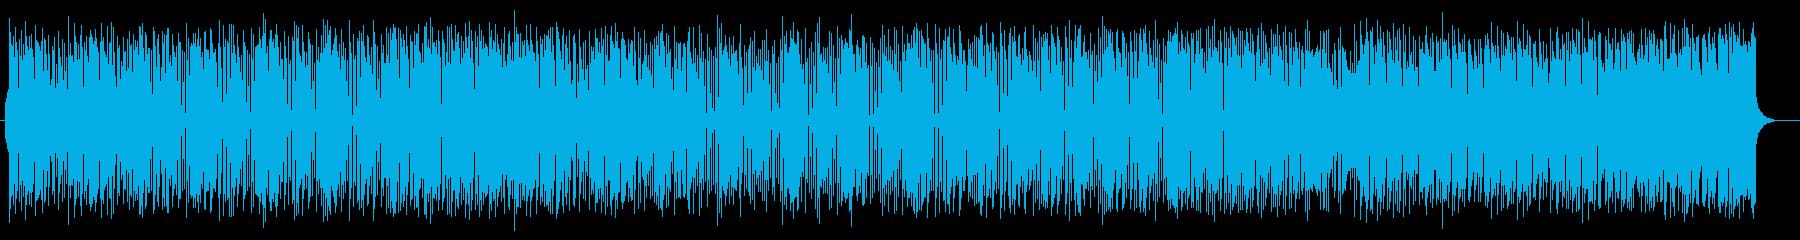 軽快で疾走感のあるリズムが特徴のポップスの再生済みの波形